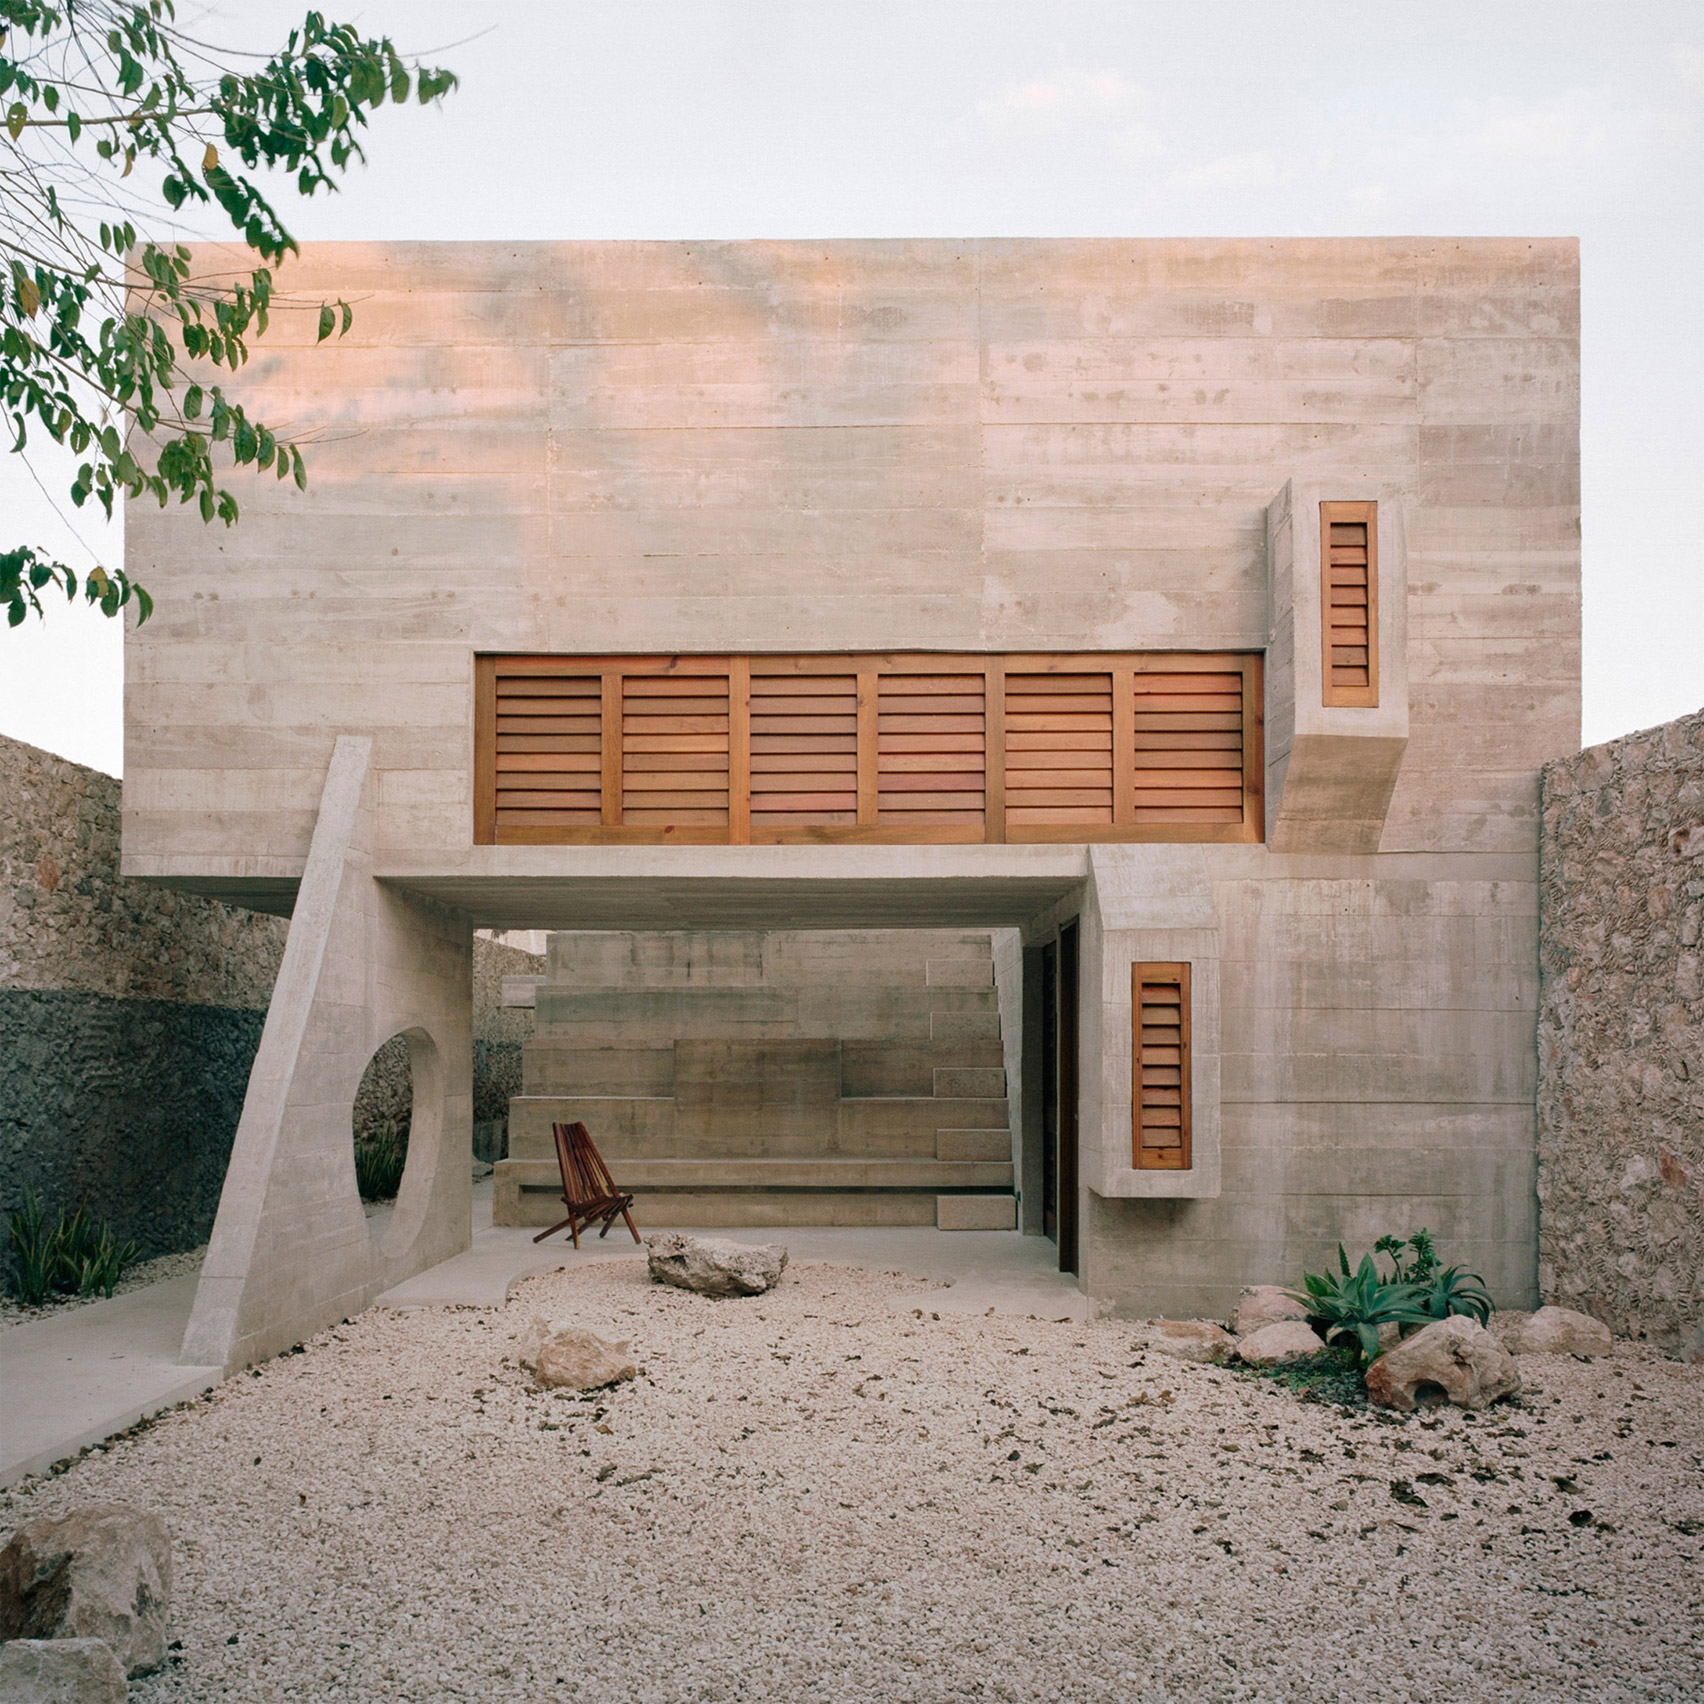 Шедевры архитектуры: 10 самых необычных домов мира, которые построили в 2020 году (ФОТО) - фото №4